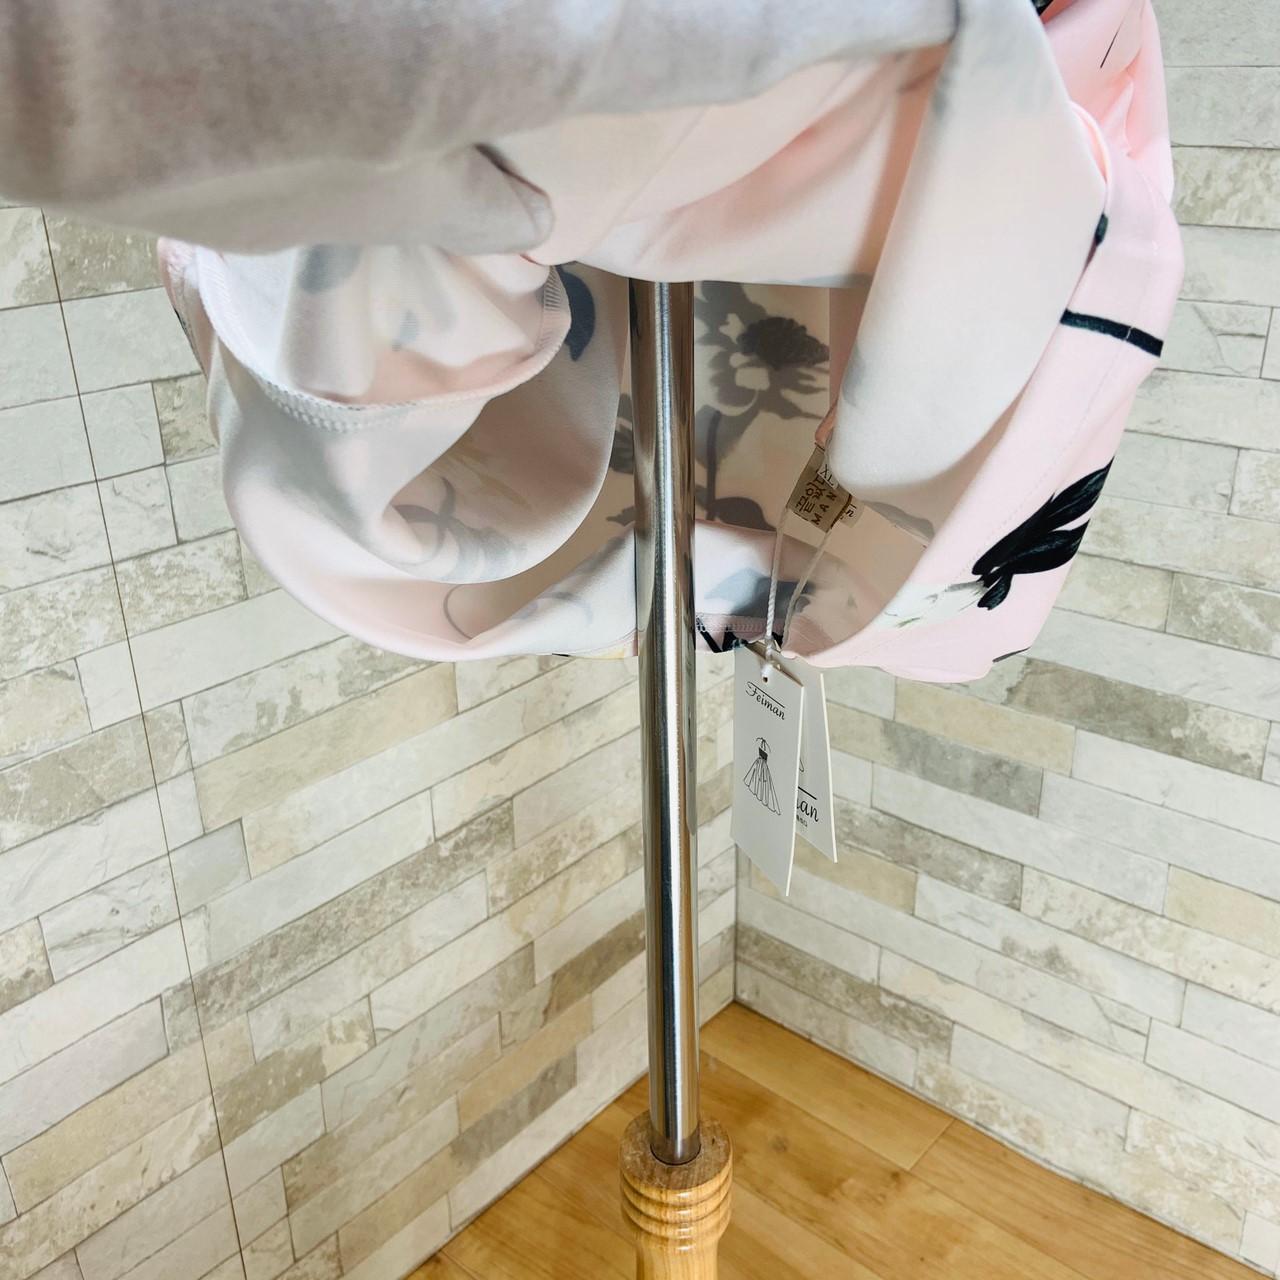 【即納】韓国 ファッション ワンピース パーティードレス ショート ミニ丈 夏 春 パーティー ブライダル SPTXF770 結婚式 お呼ばれ カシュクール ラップ風 ドレー 二次会 セレブ きれいめの写真9枚目